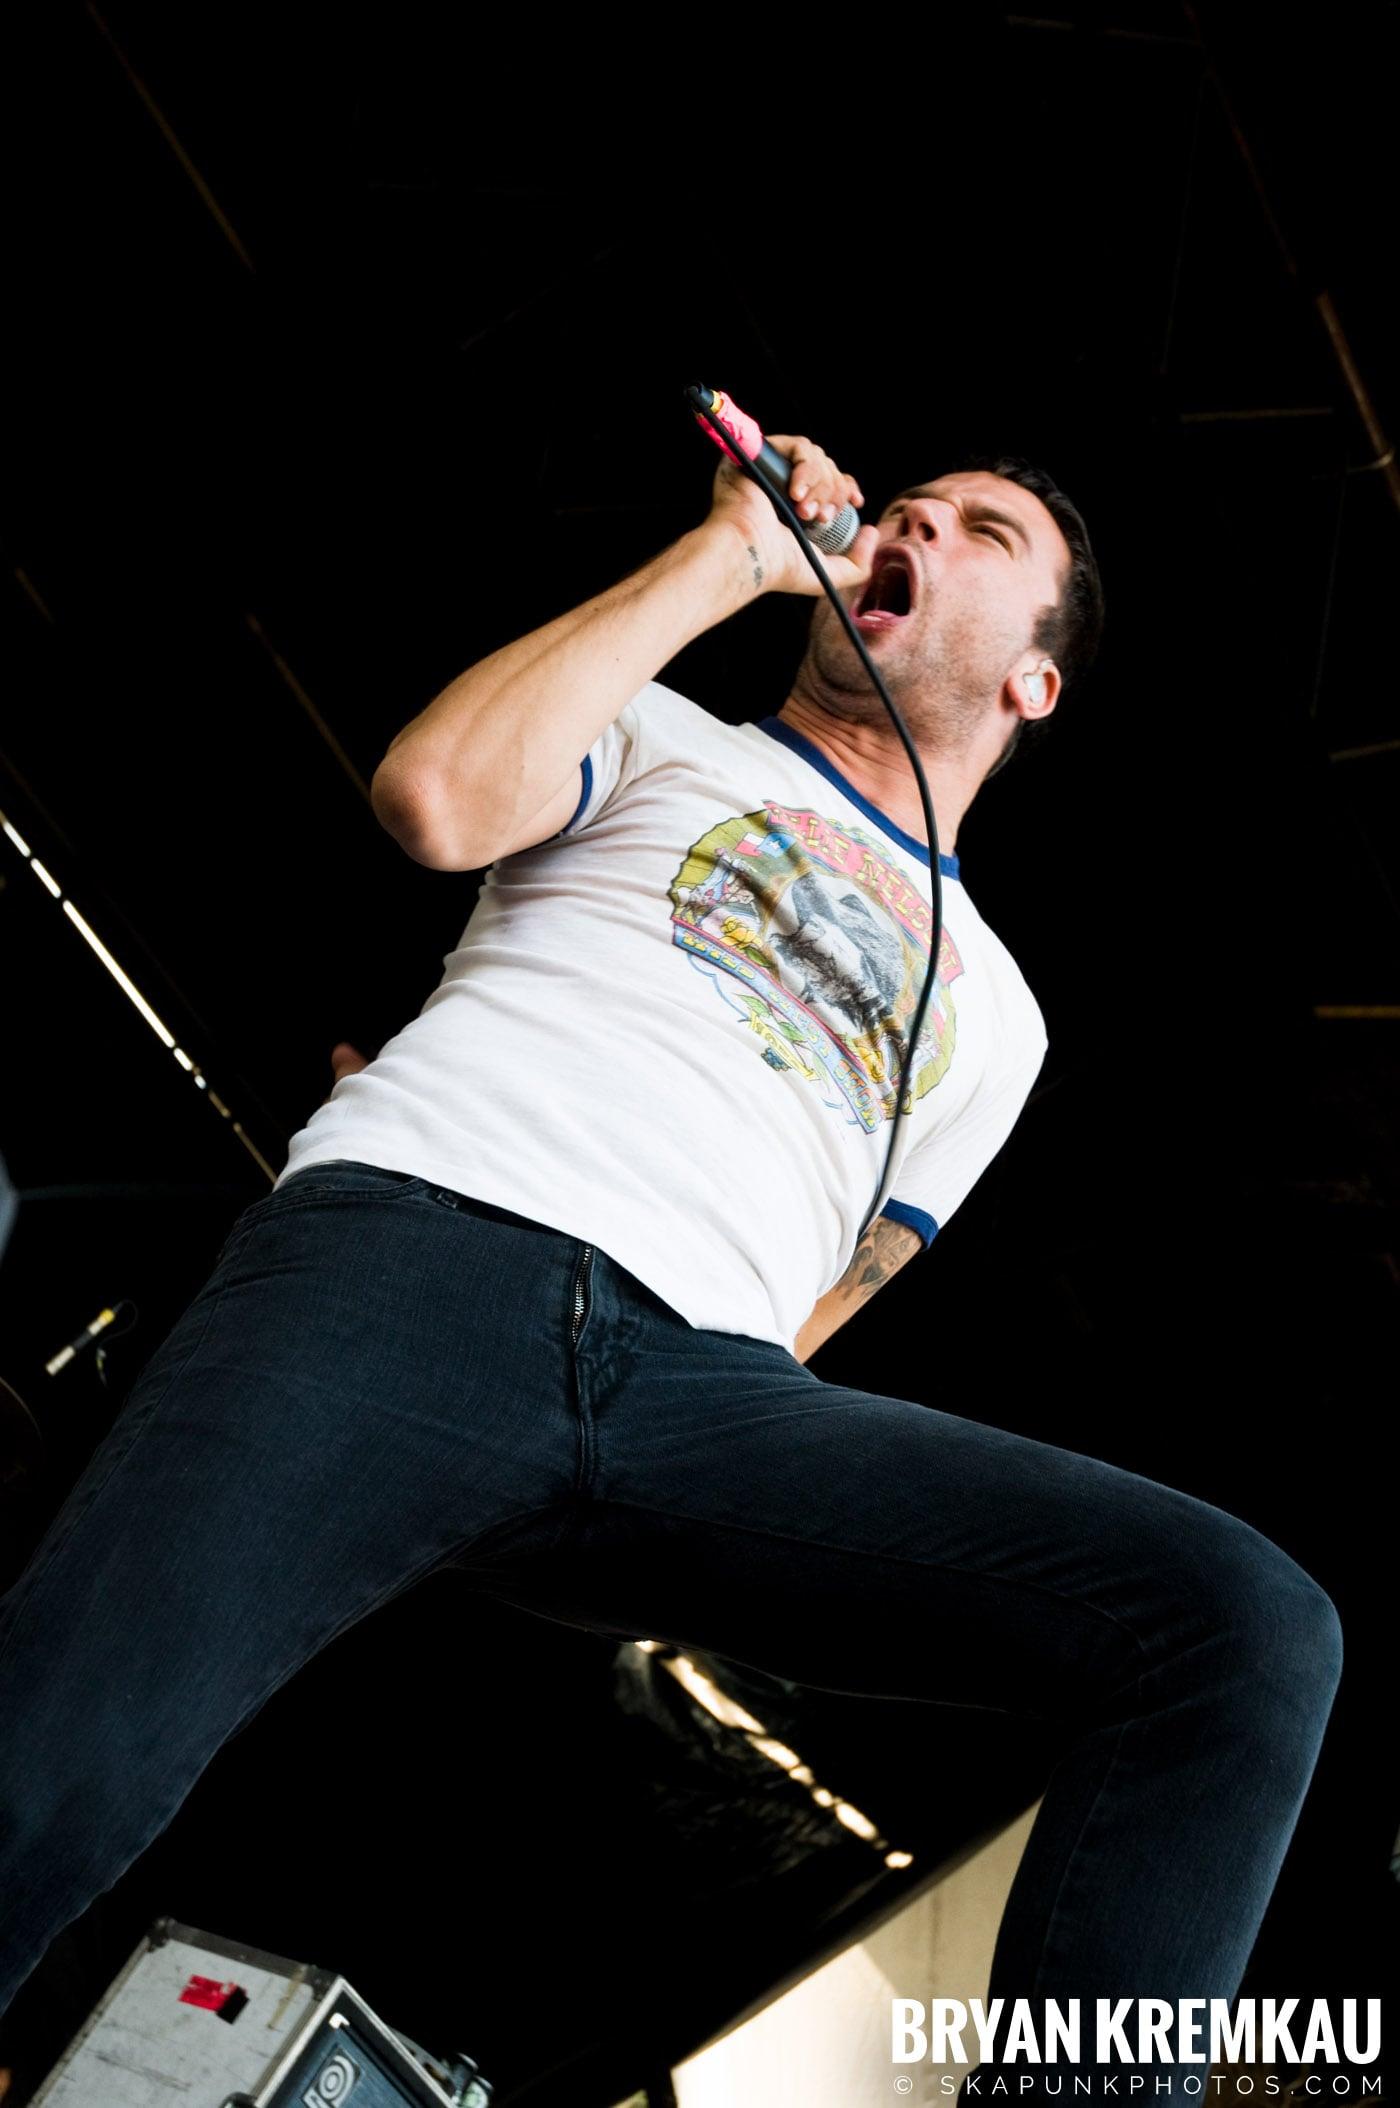 Say Anything @ Warped Tour 08, Scranton PA - 7.27.08 (9)